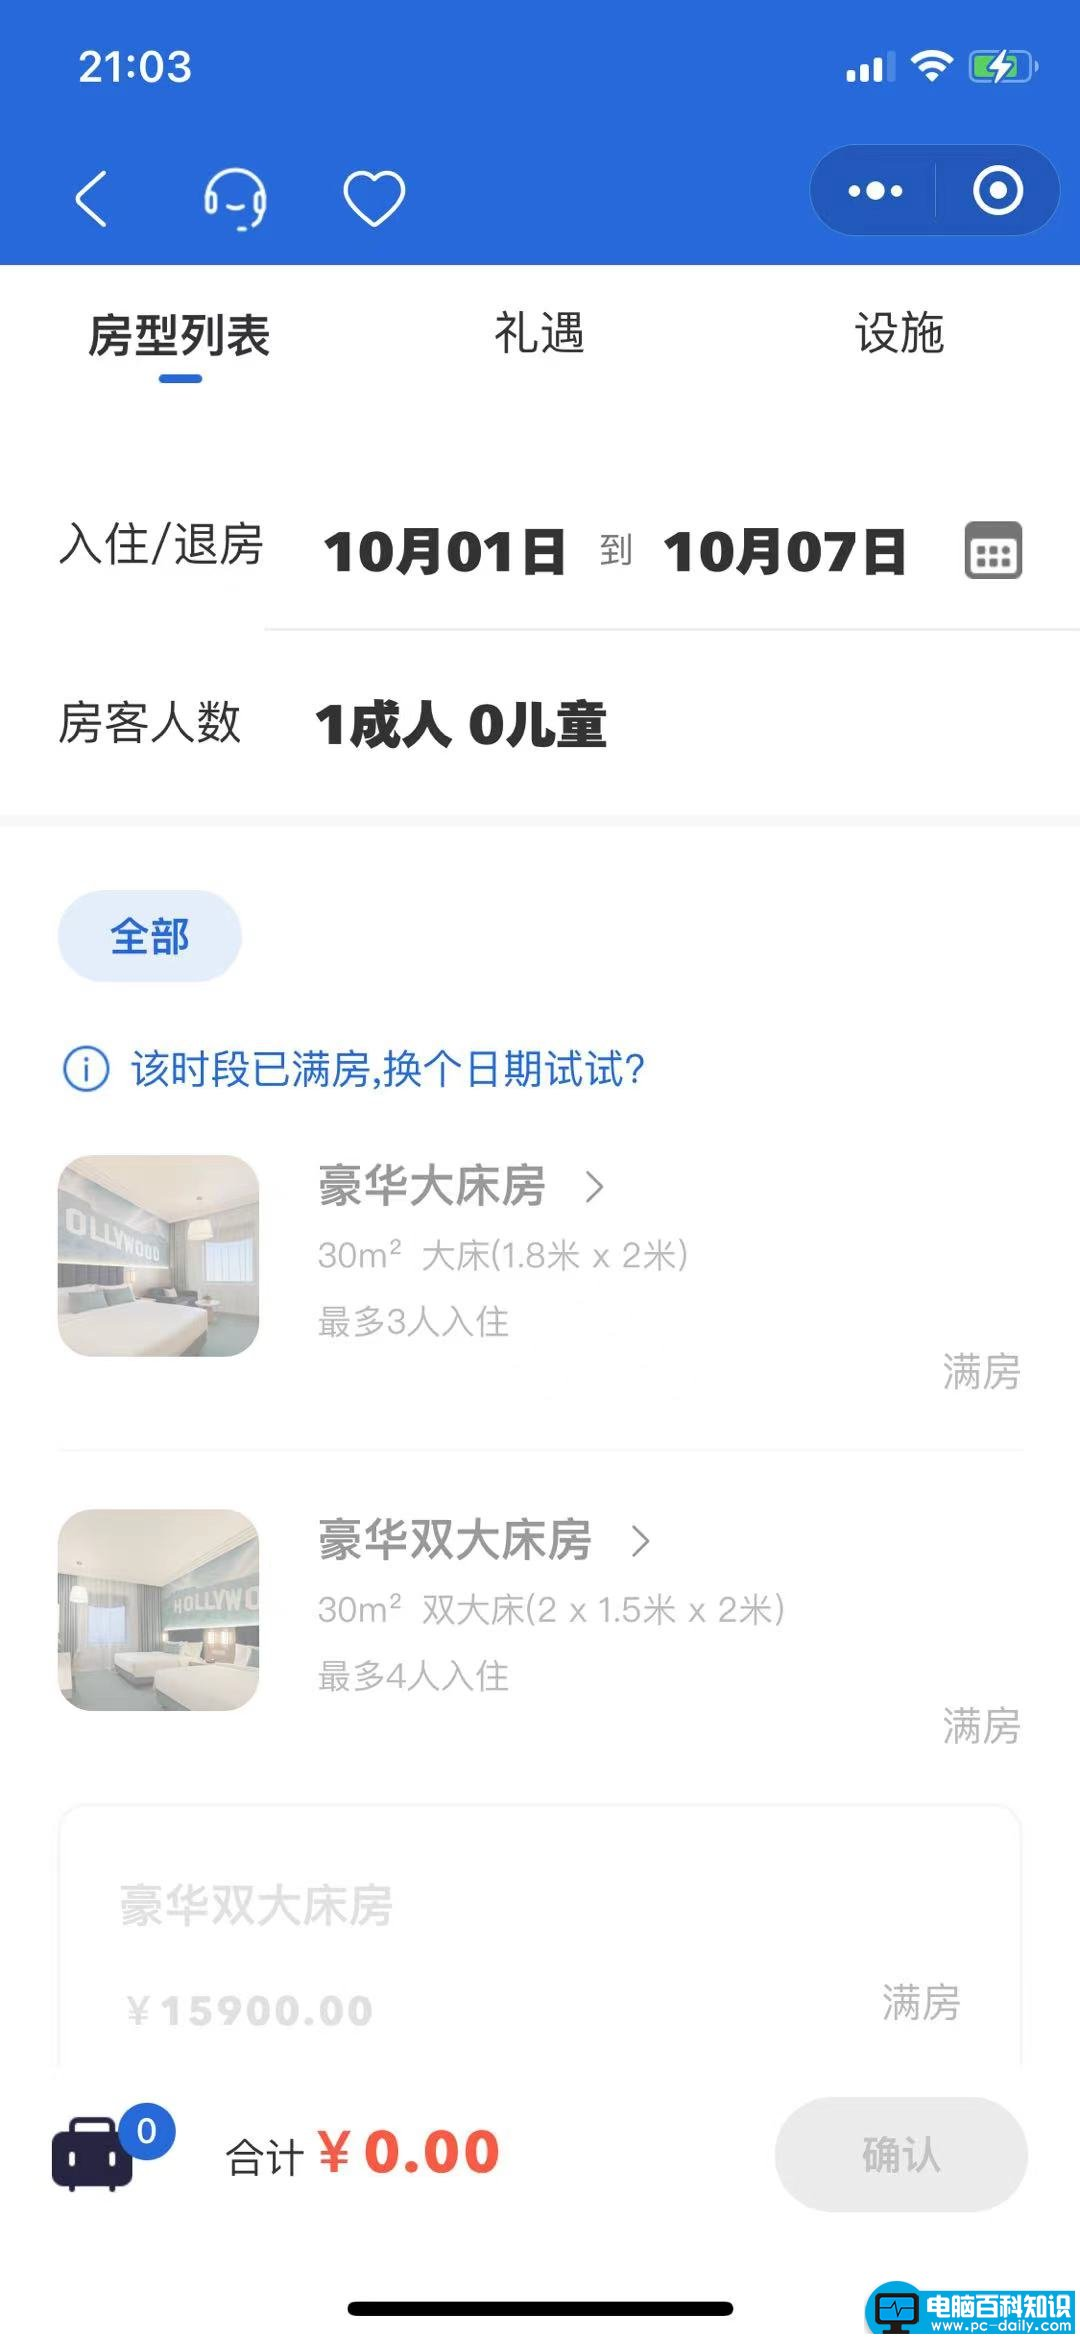 太火了!北京环球影城2万一晚酒店开抢后秒无,国庆期间最高4.7万一晚